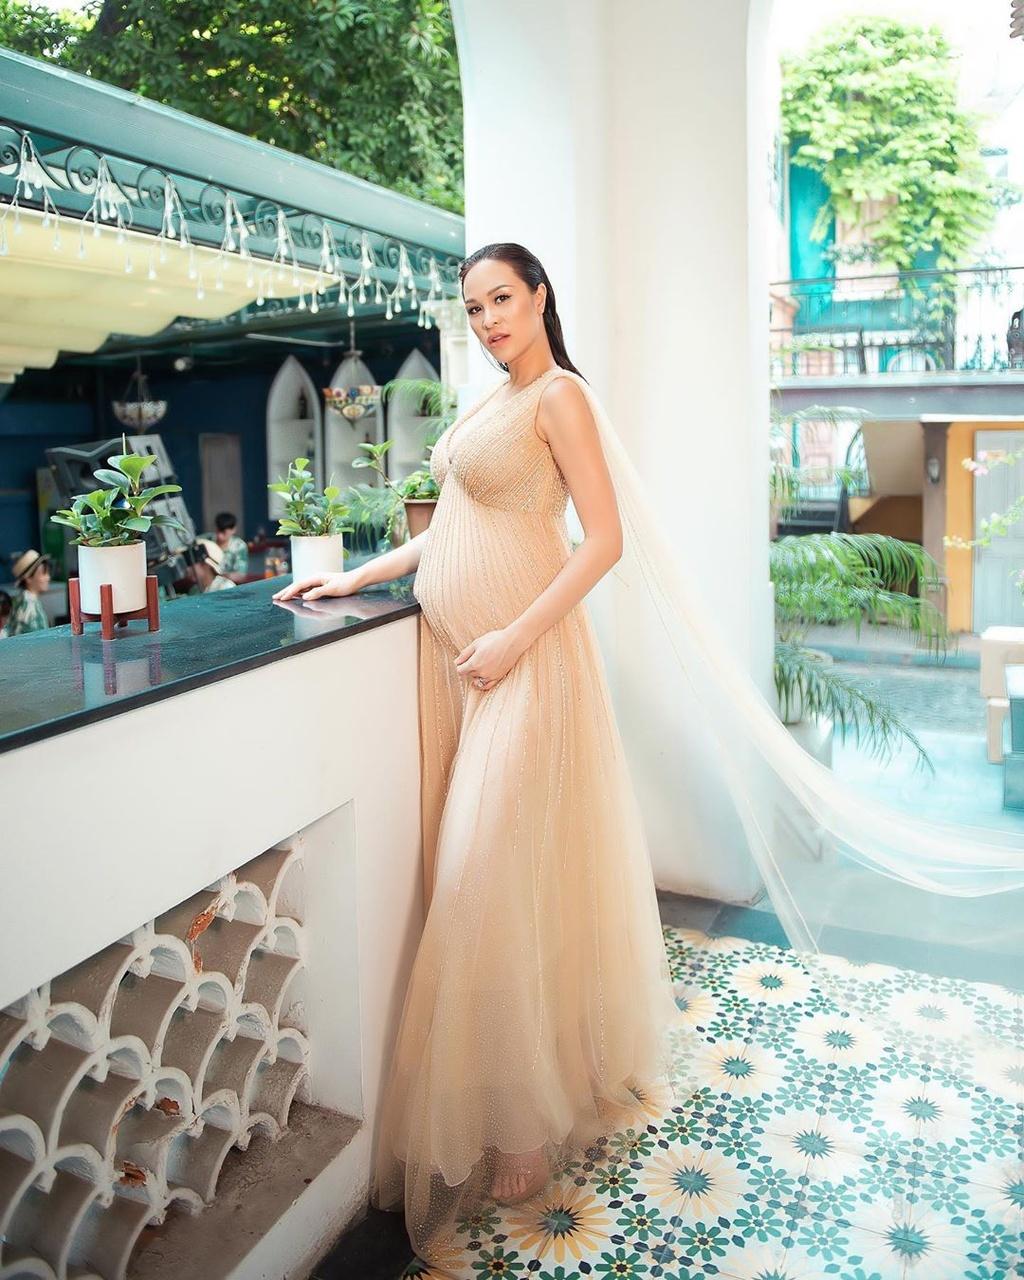 Diep Lam Anh, Lan Khue pho truong hang hieu khi mang thai hinh anh 13